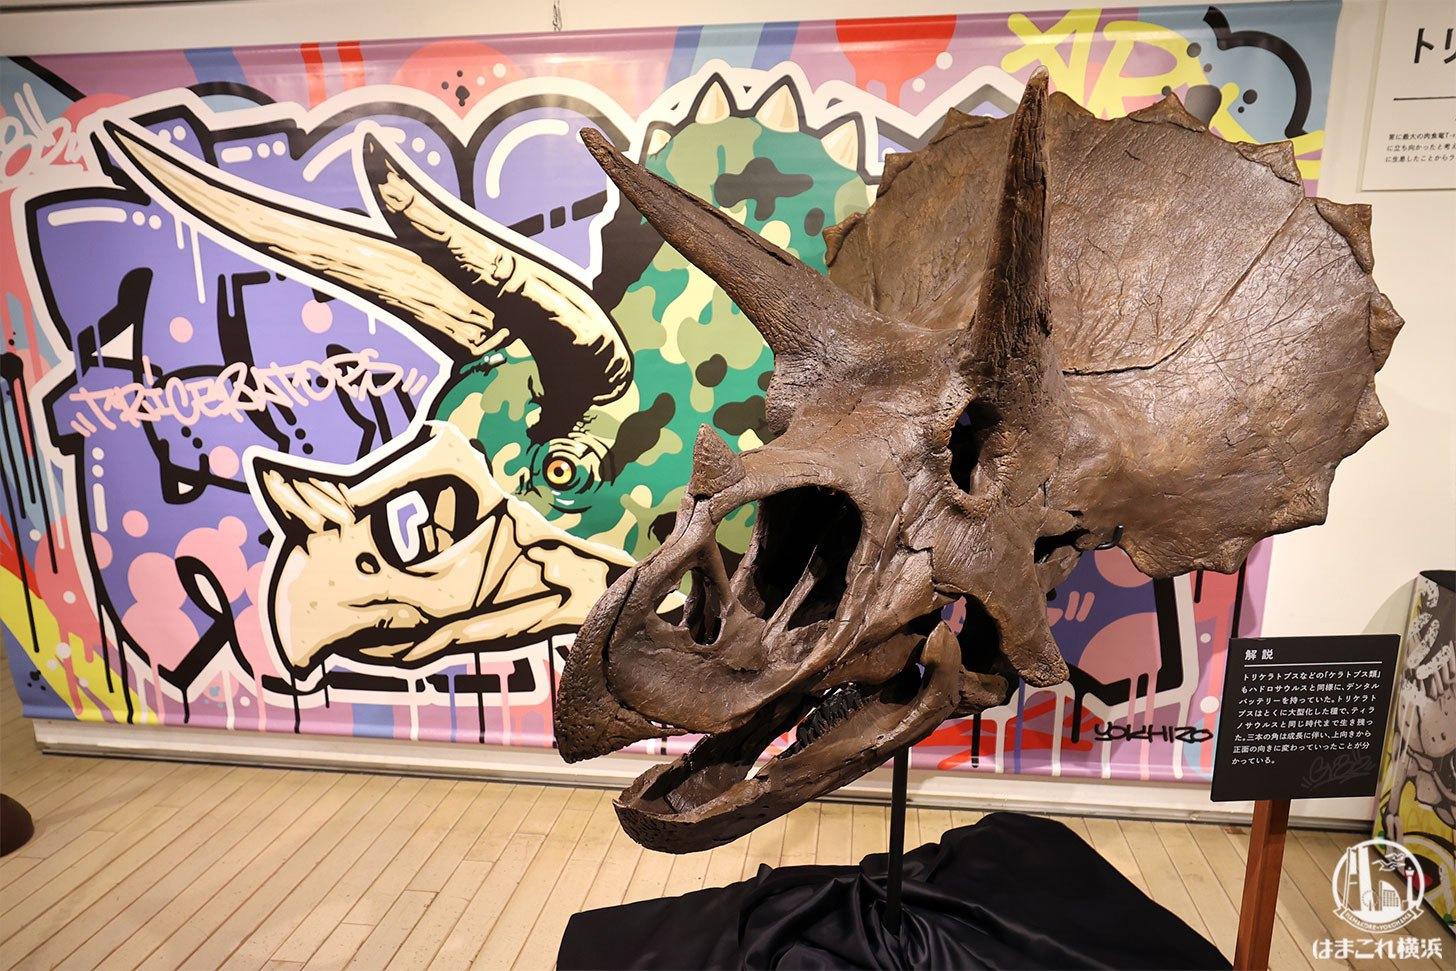 横浜赤レンガ倉庫「Gr8!こぶりな恐竜展」10月31日まで開催期間延長!